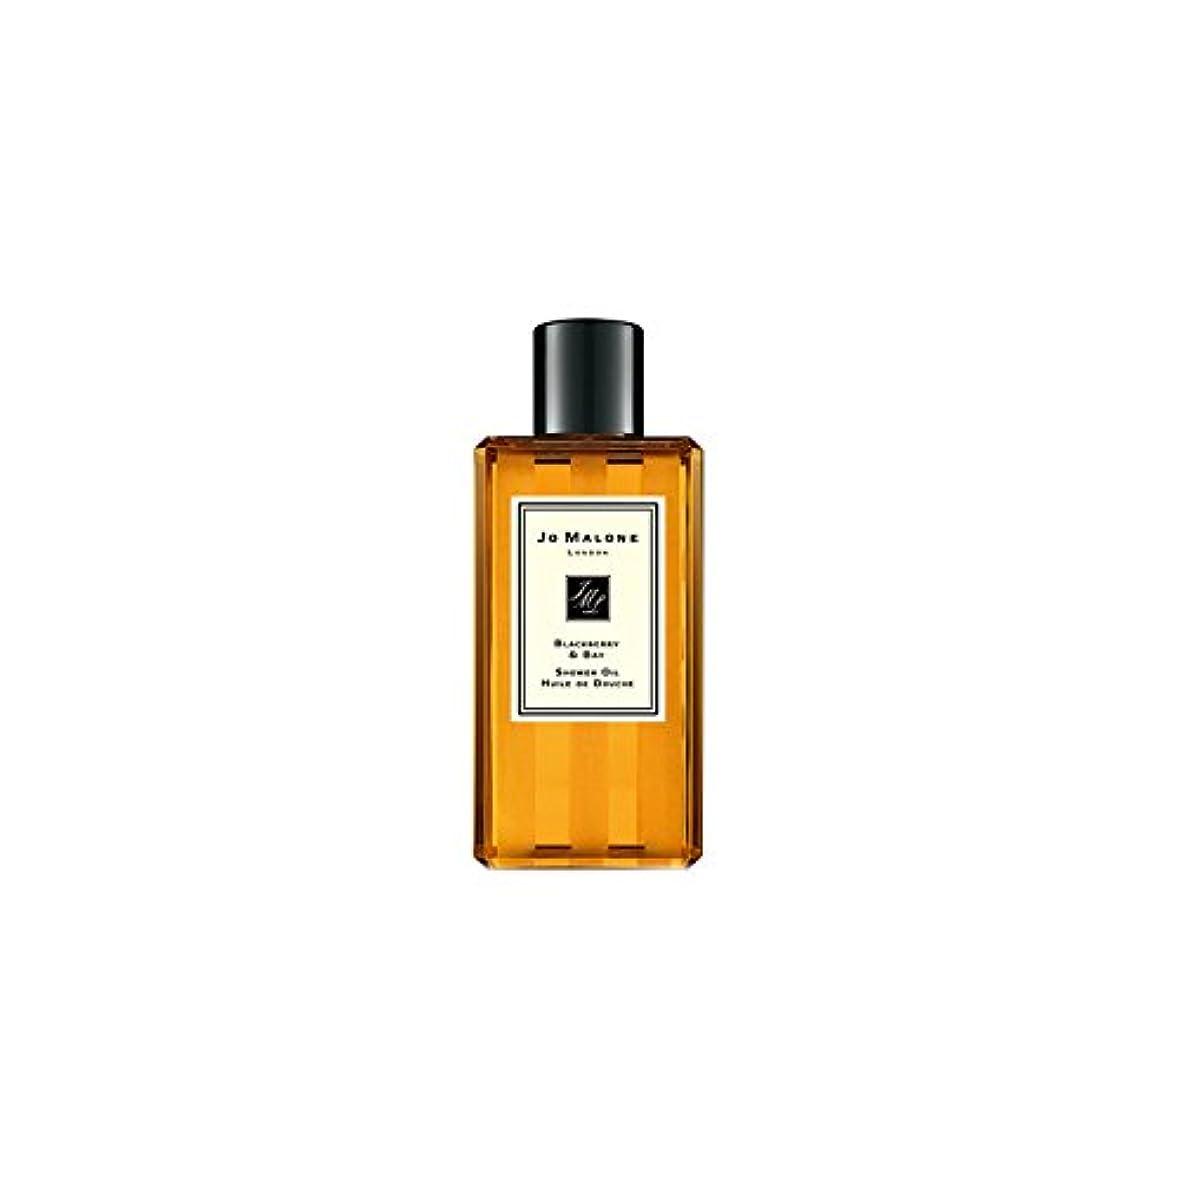 不幸塩辛いお客様Jo Malone Blackberry & Bay Shower Oil - 250ml (Pack of 2) - ジョーマローンブラックベリー&ベイシャワーオイル - 250ミリリットル (x2) [並行輸入品]